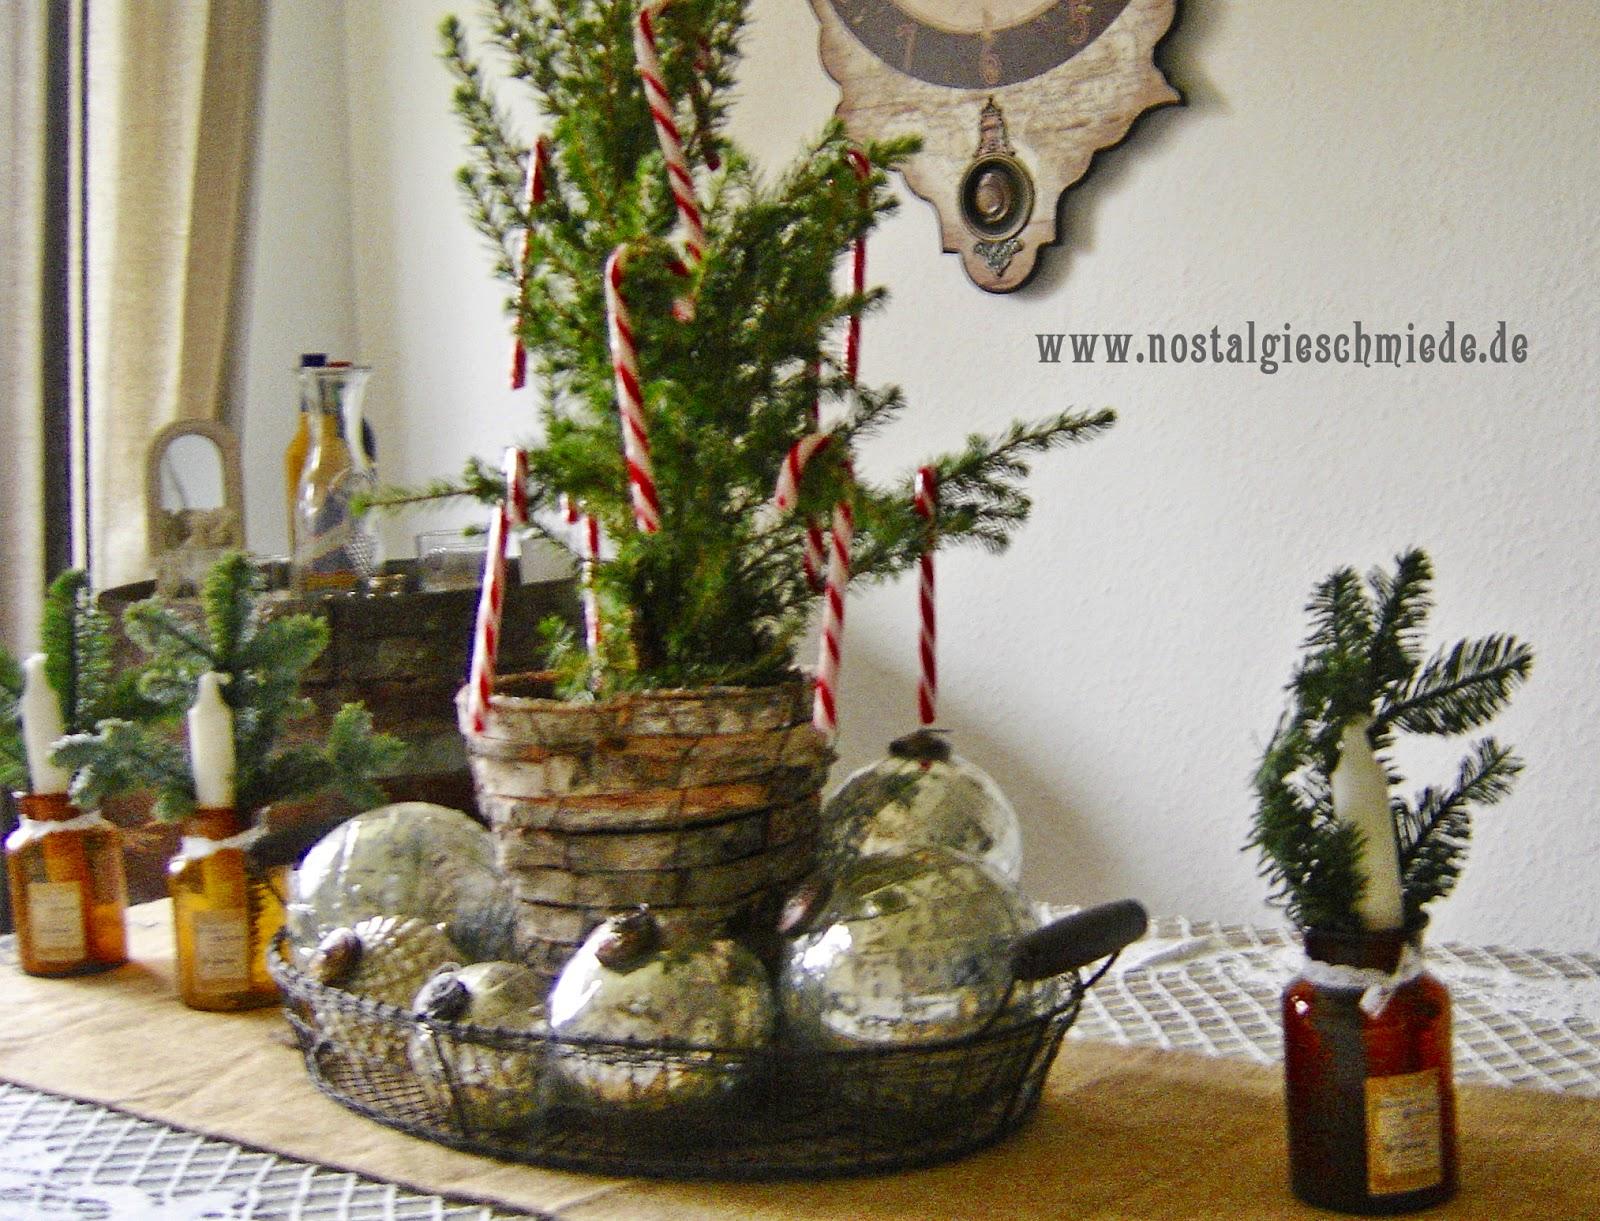 Nostalgie schmiede weihnachtsdeko for Nostalgische weihnachtsdeko